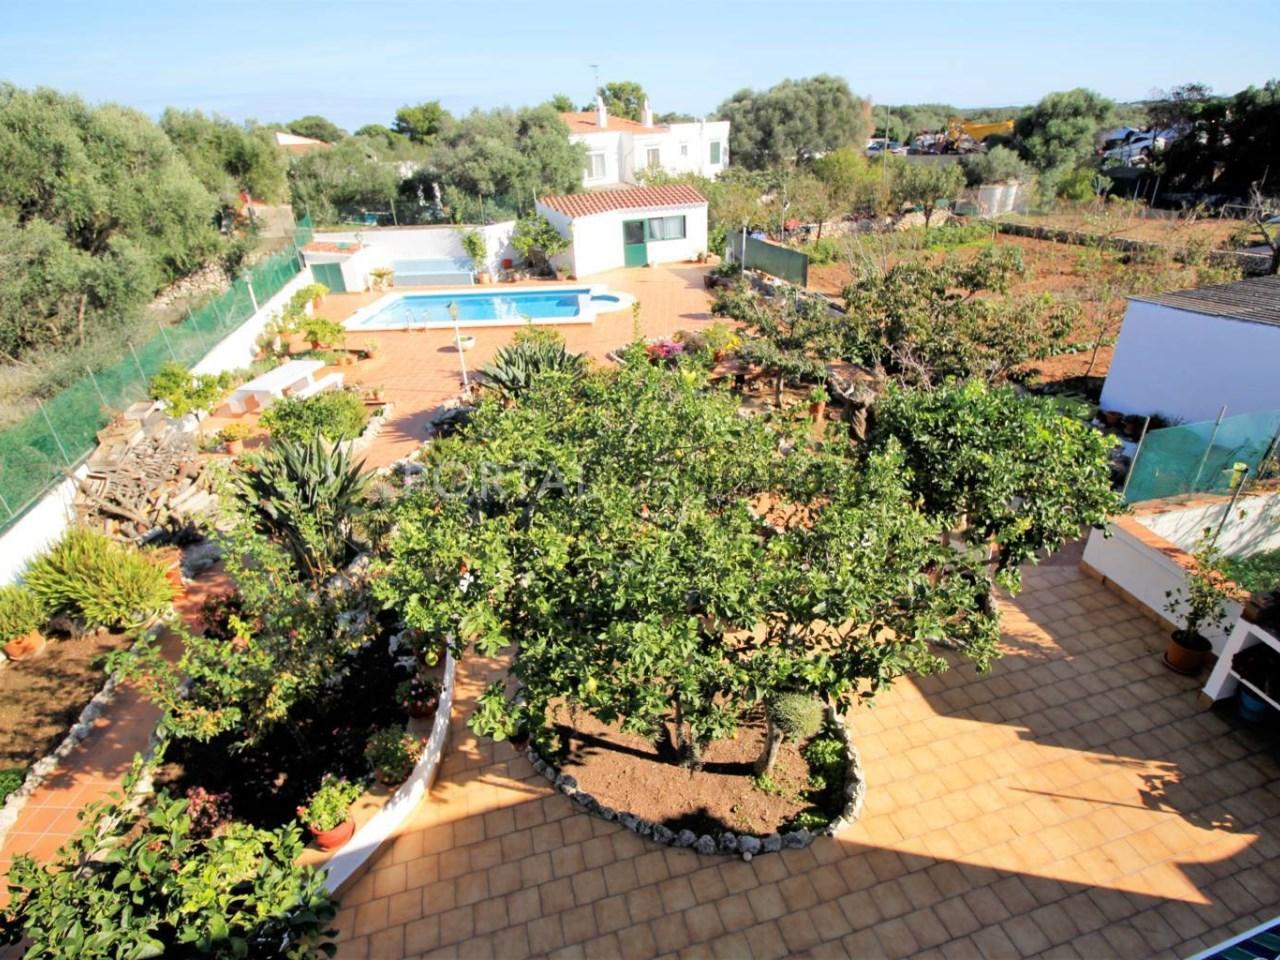 Casa en planta baja con gran terreno y piscina en venta en Trepucó